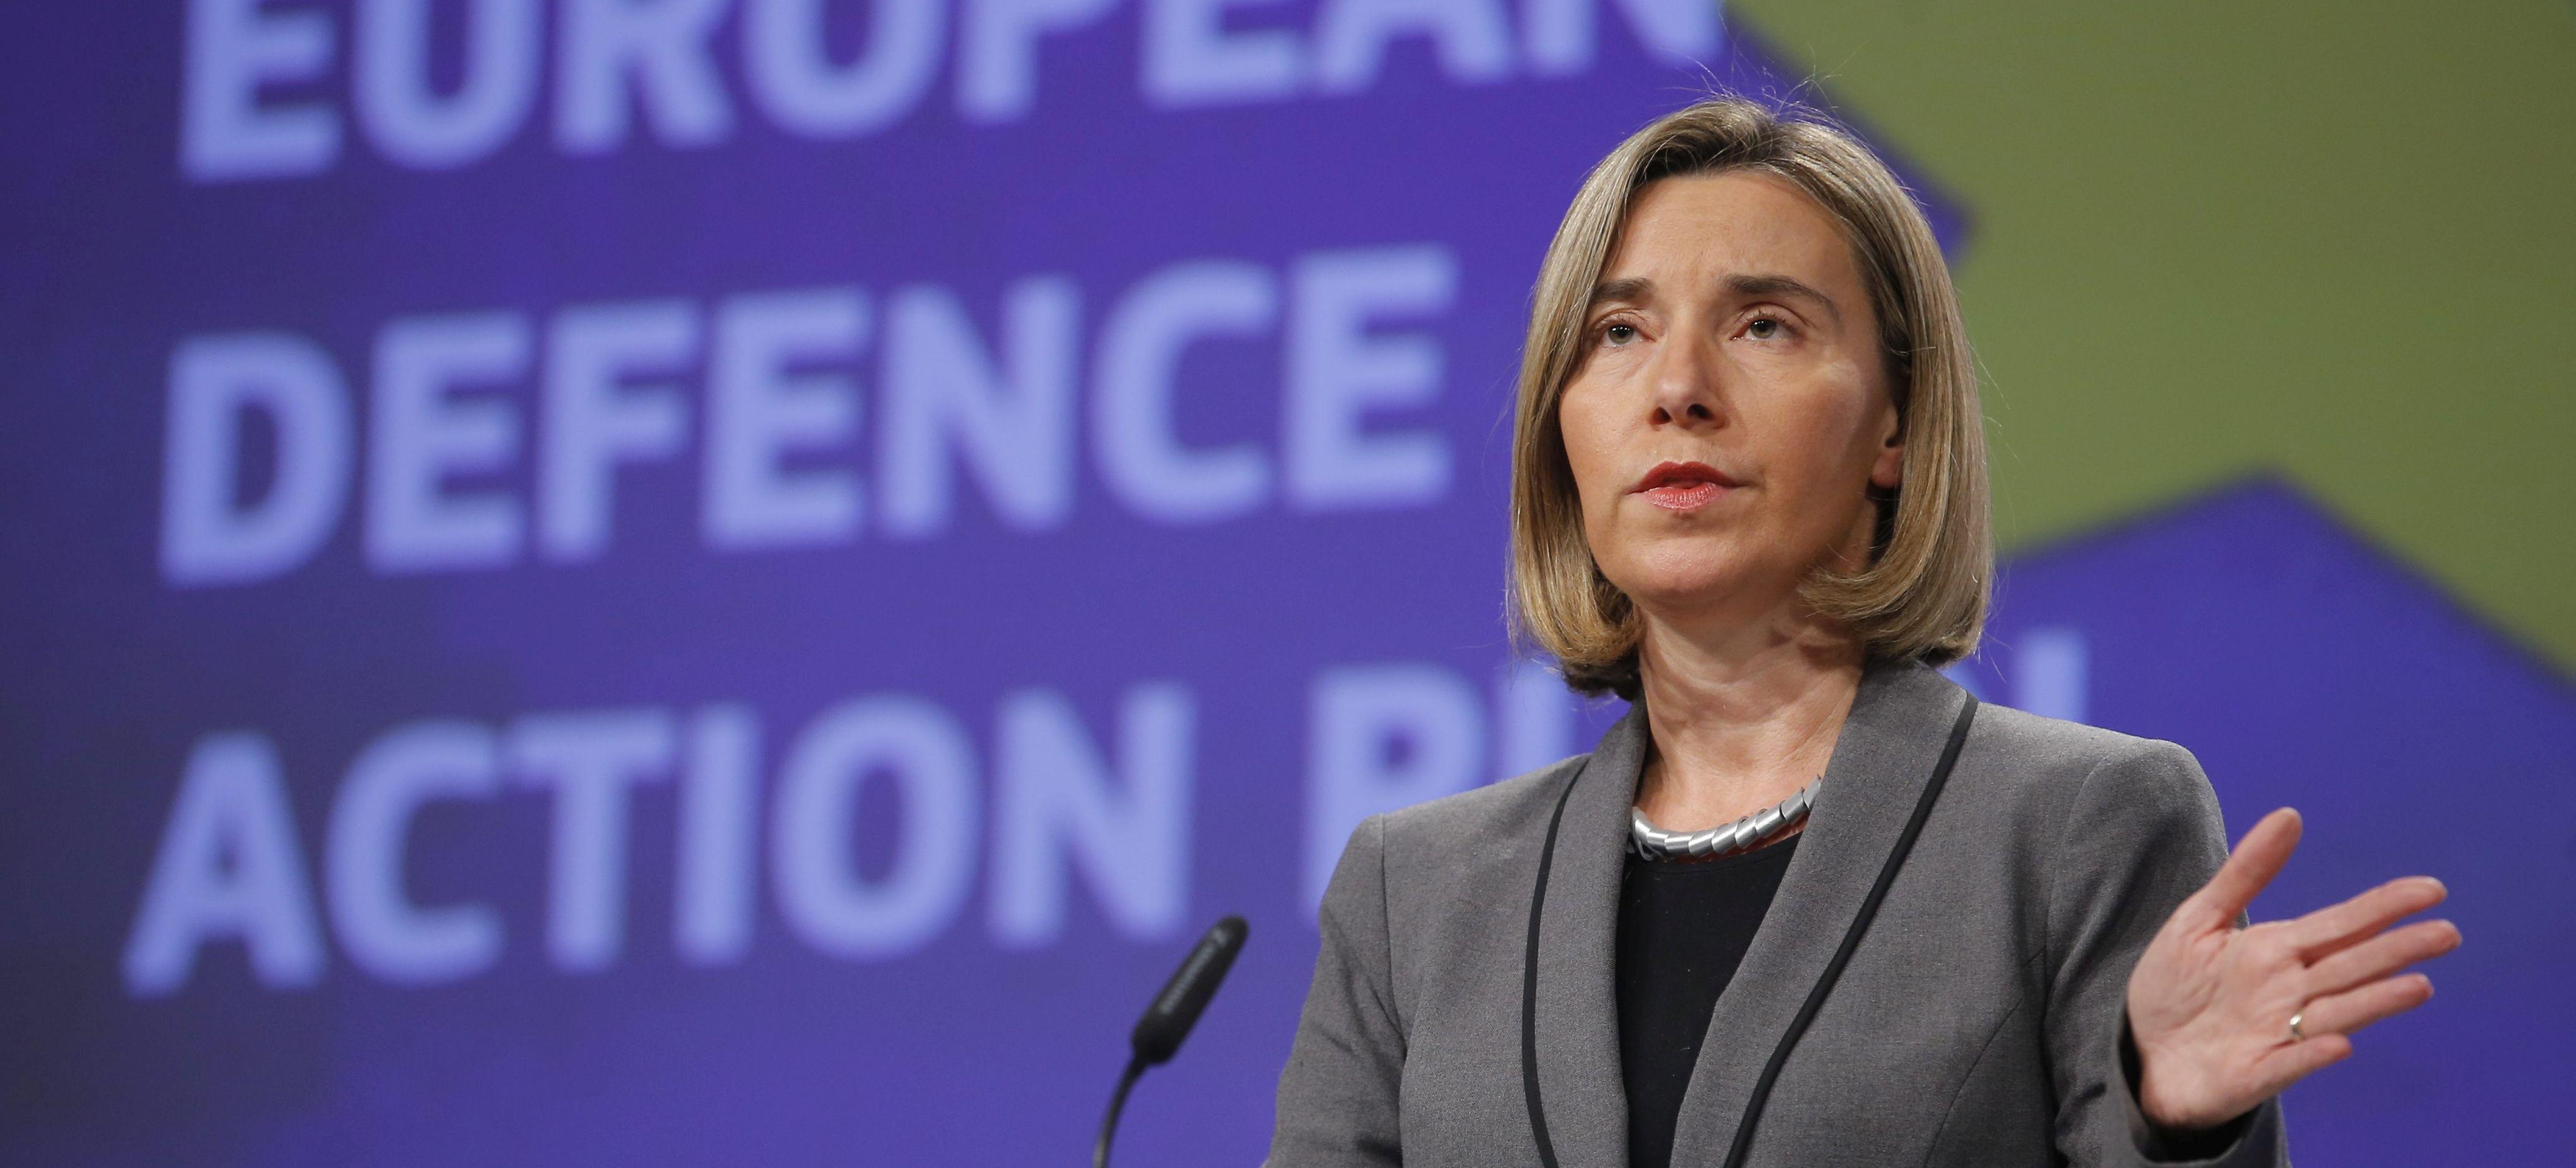 Mogherini nakon pozvala ostale da poštuju sporazum s Iranom